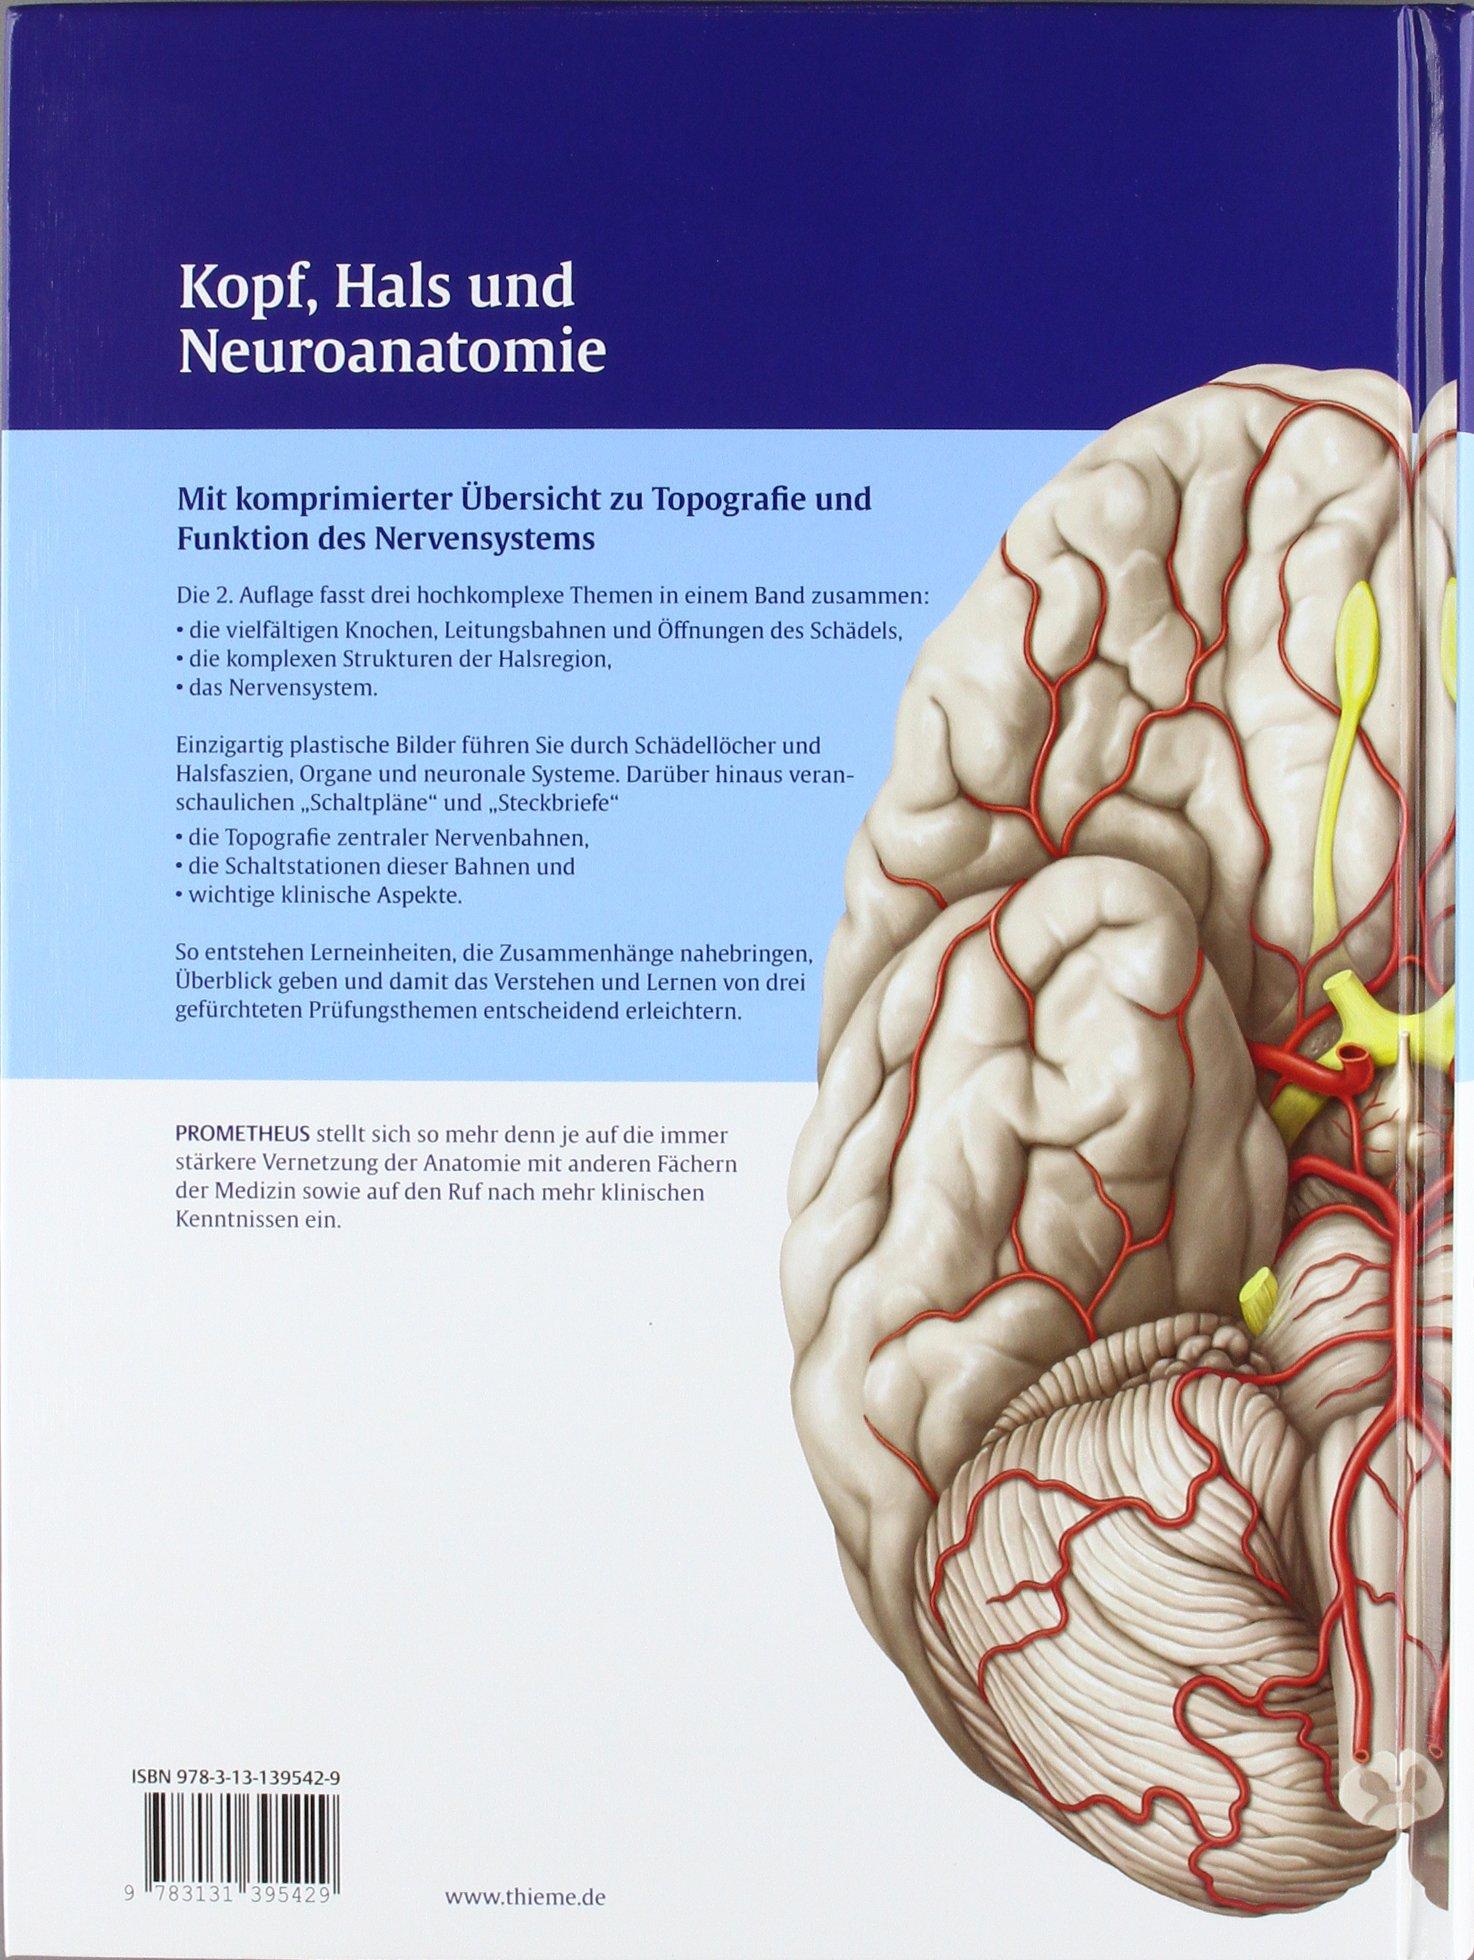 PROMETHEUS LernAtlas der Anatomie: Kopf, Hals und Neuroanatomie ...